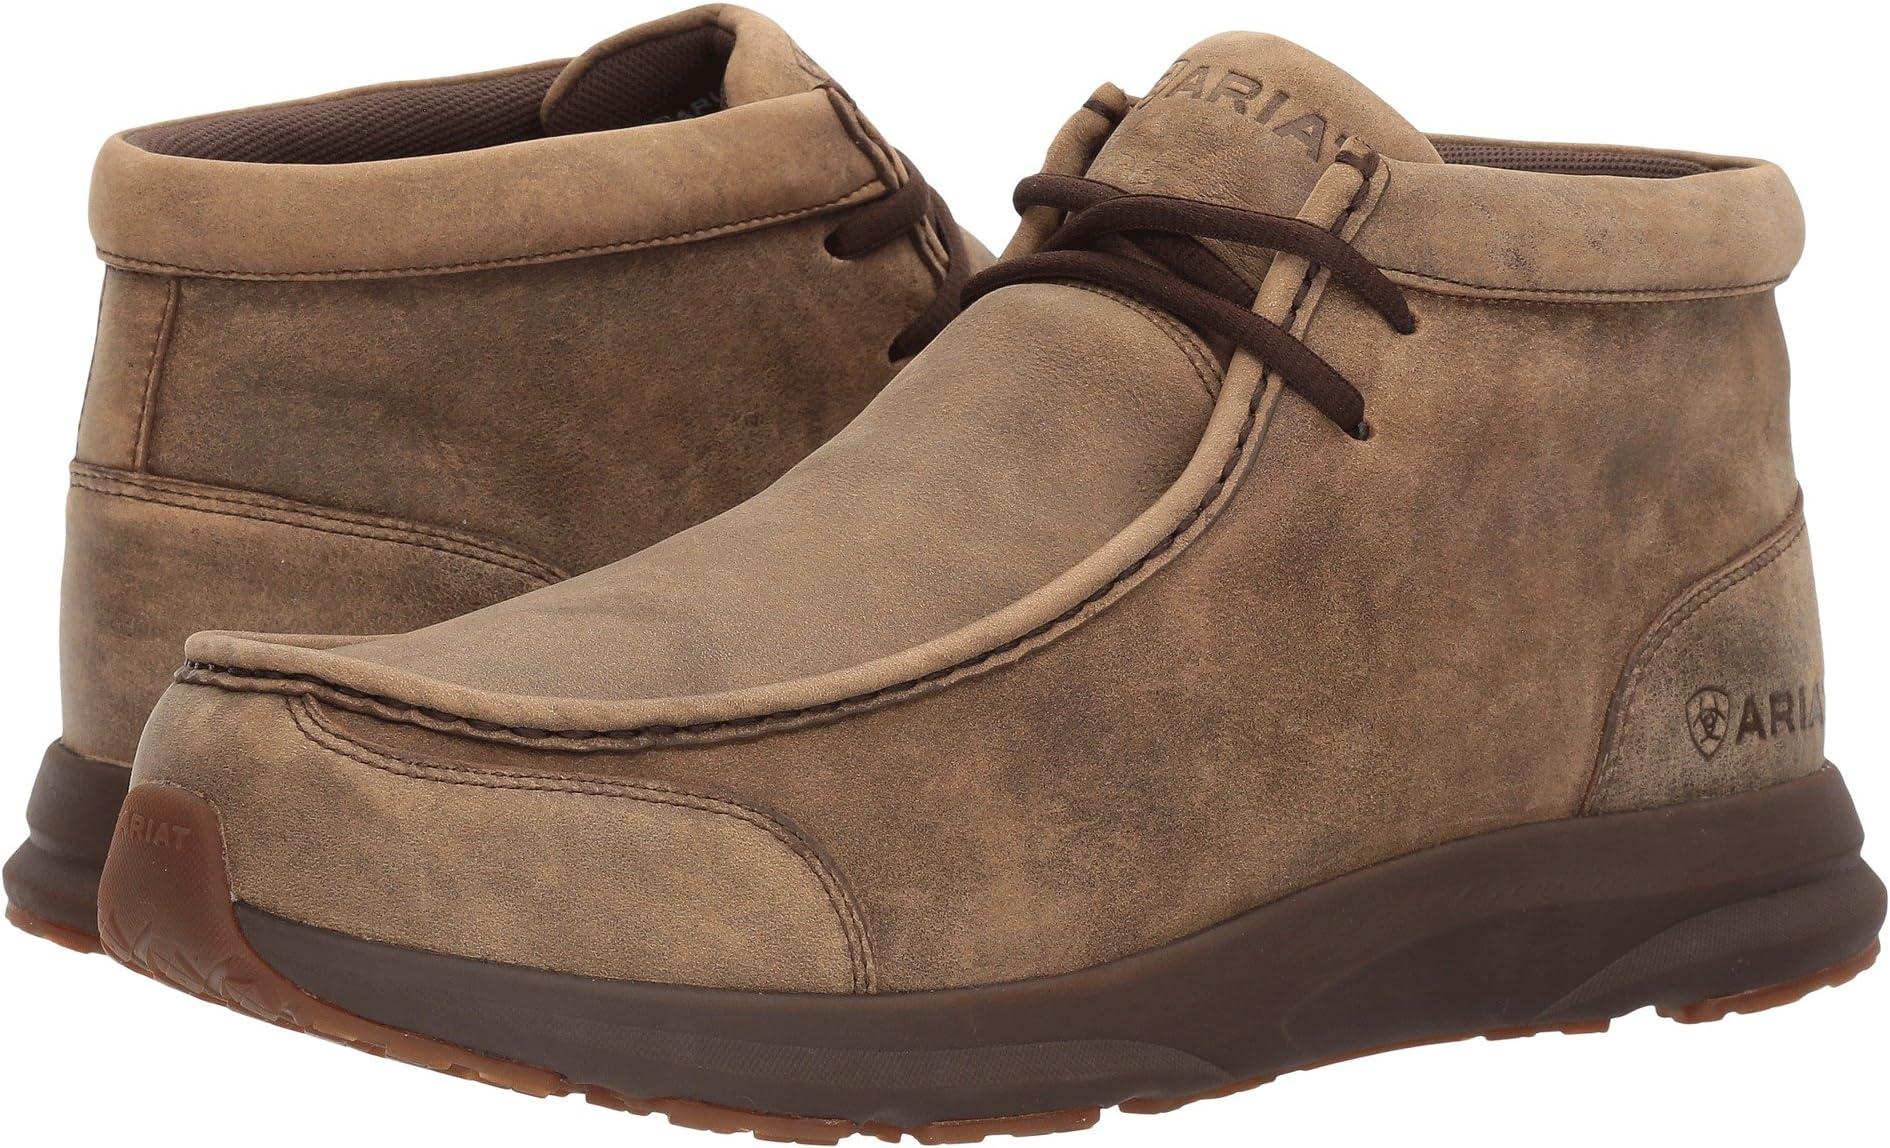 Arait Men's Shoes